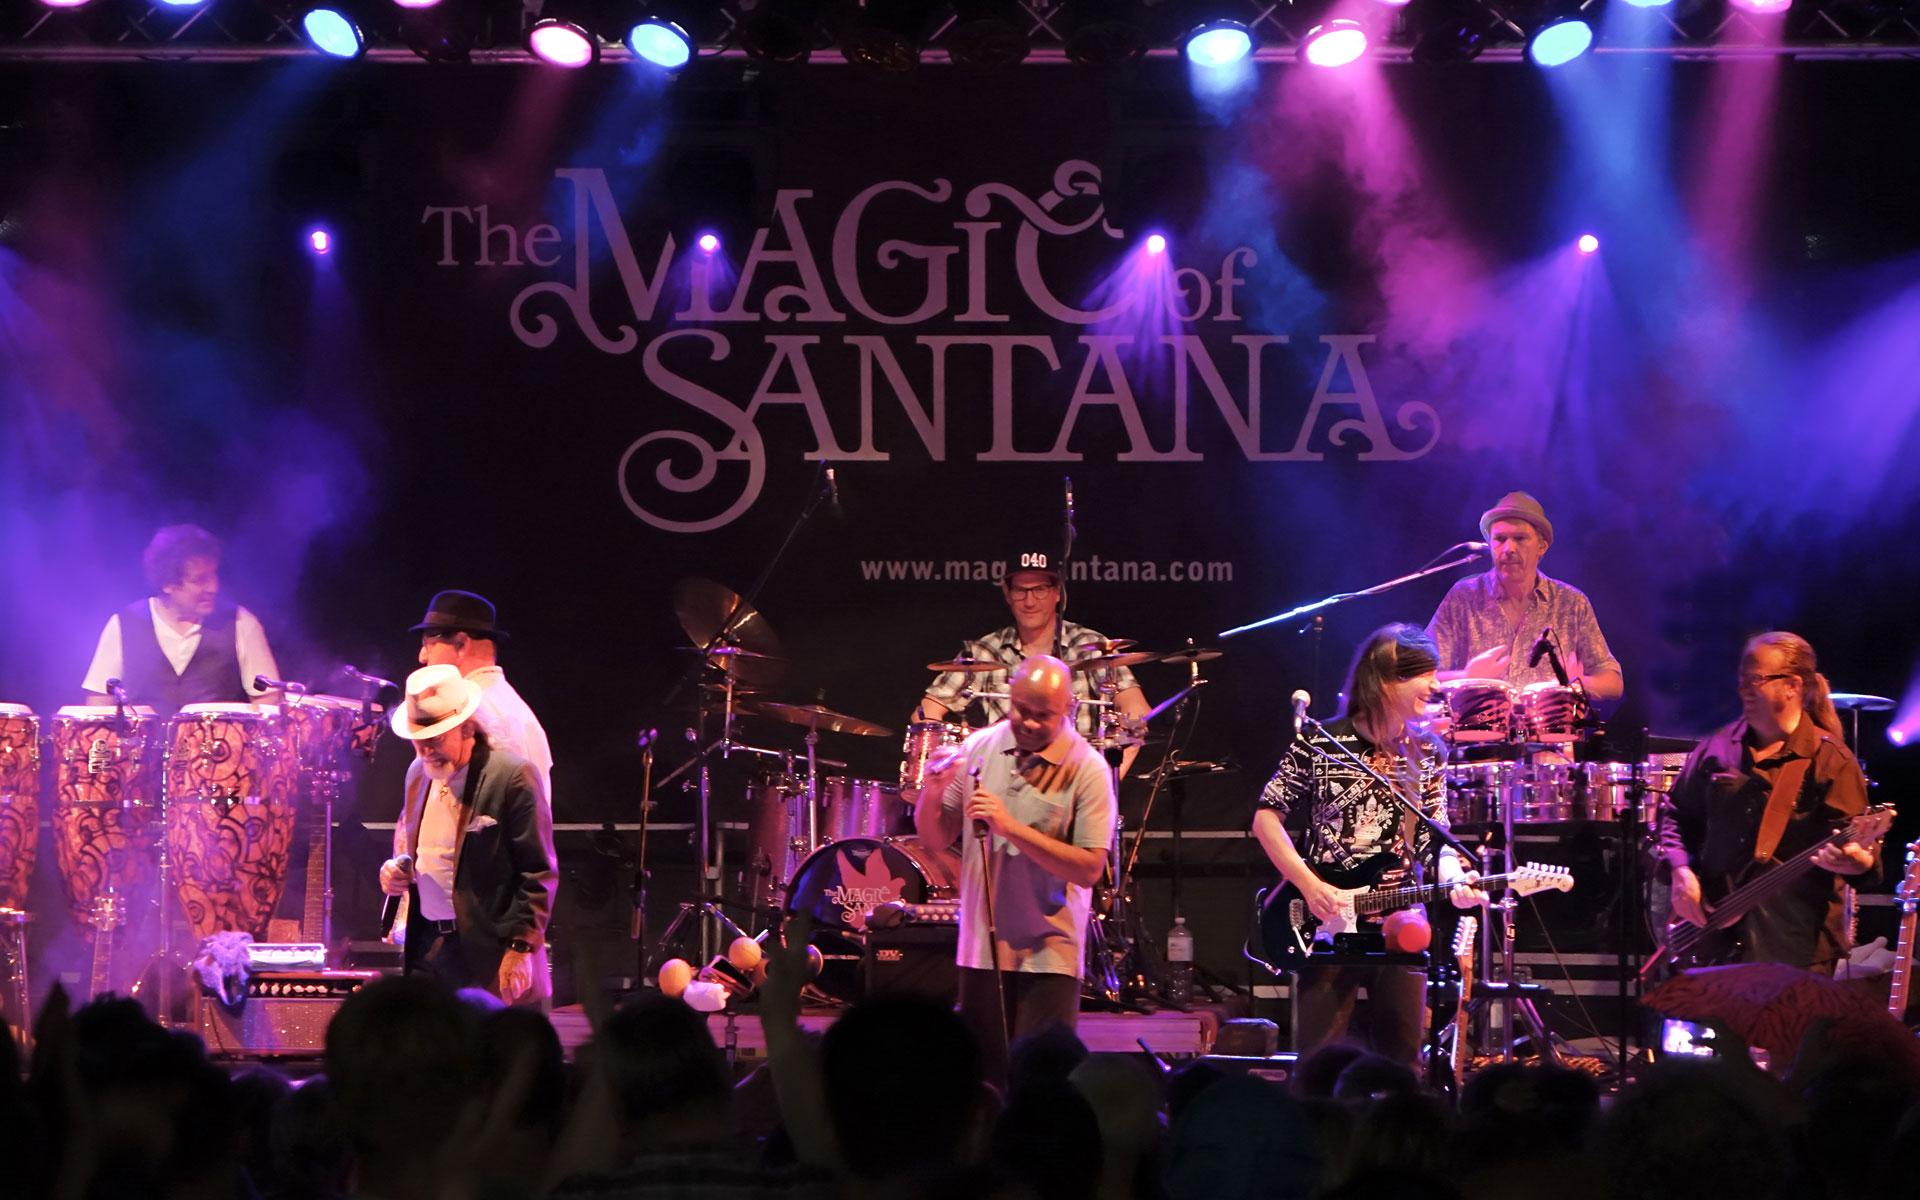 Die Band Santana steht auf der Bühne und gibt ein Musikkonzert